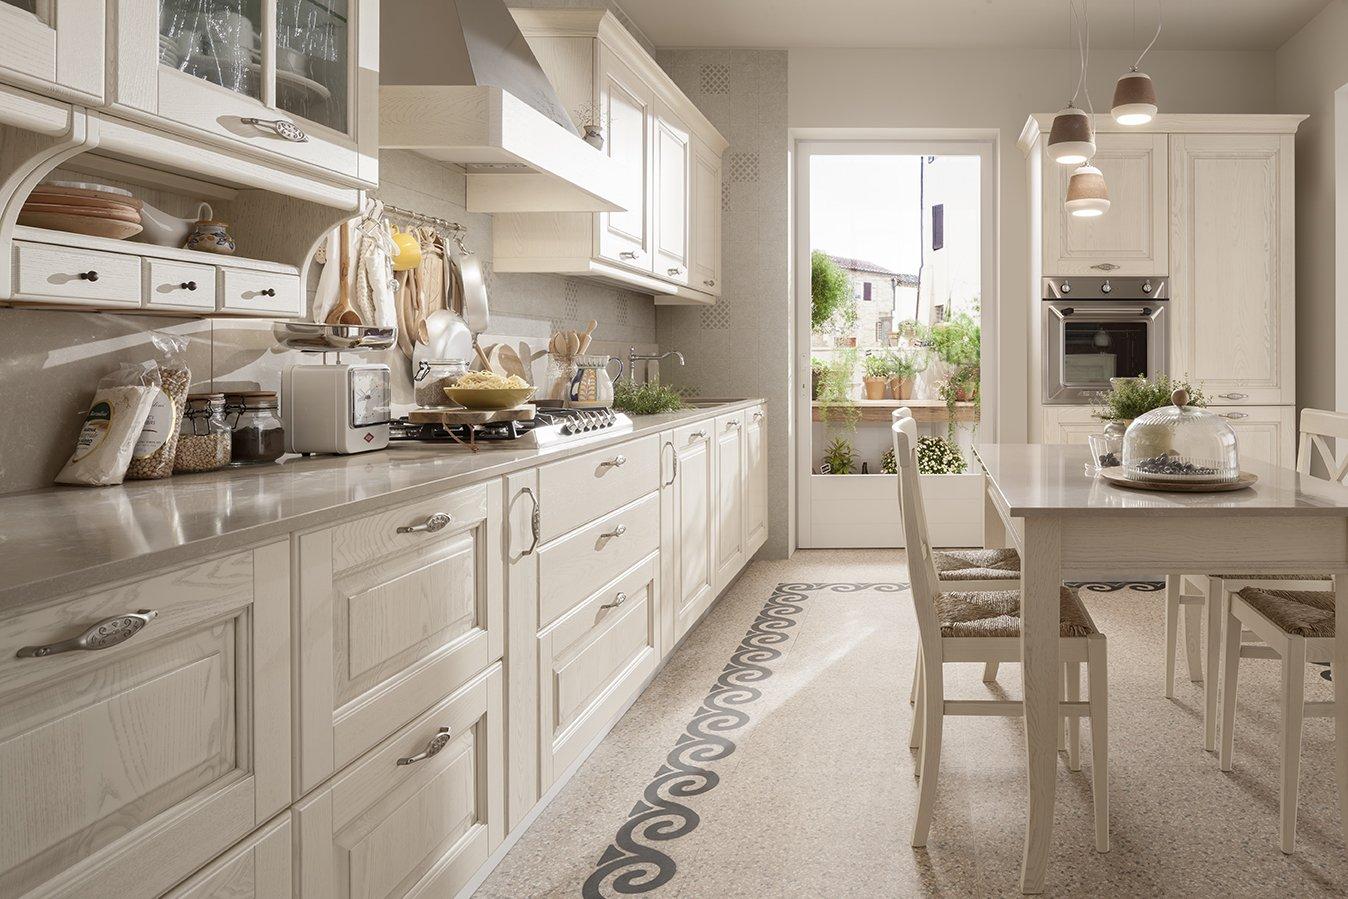 Veneta cucine tradizione memory cucine con top extra cose di casa - Piano cucina quarzo ...